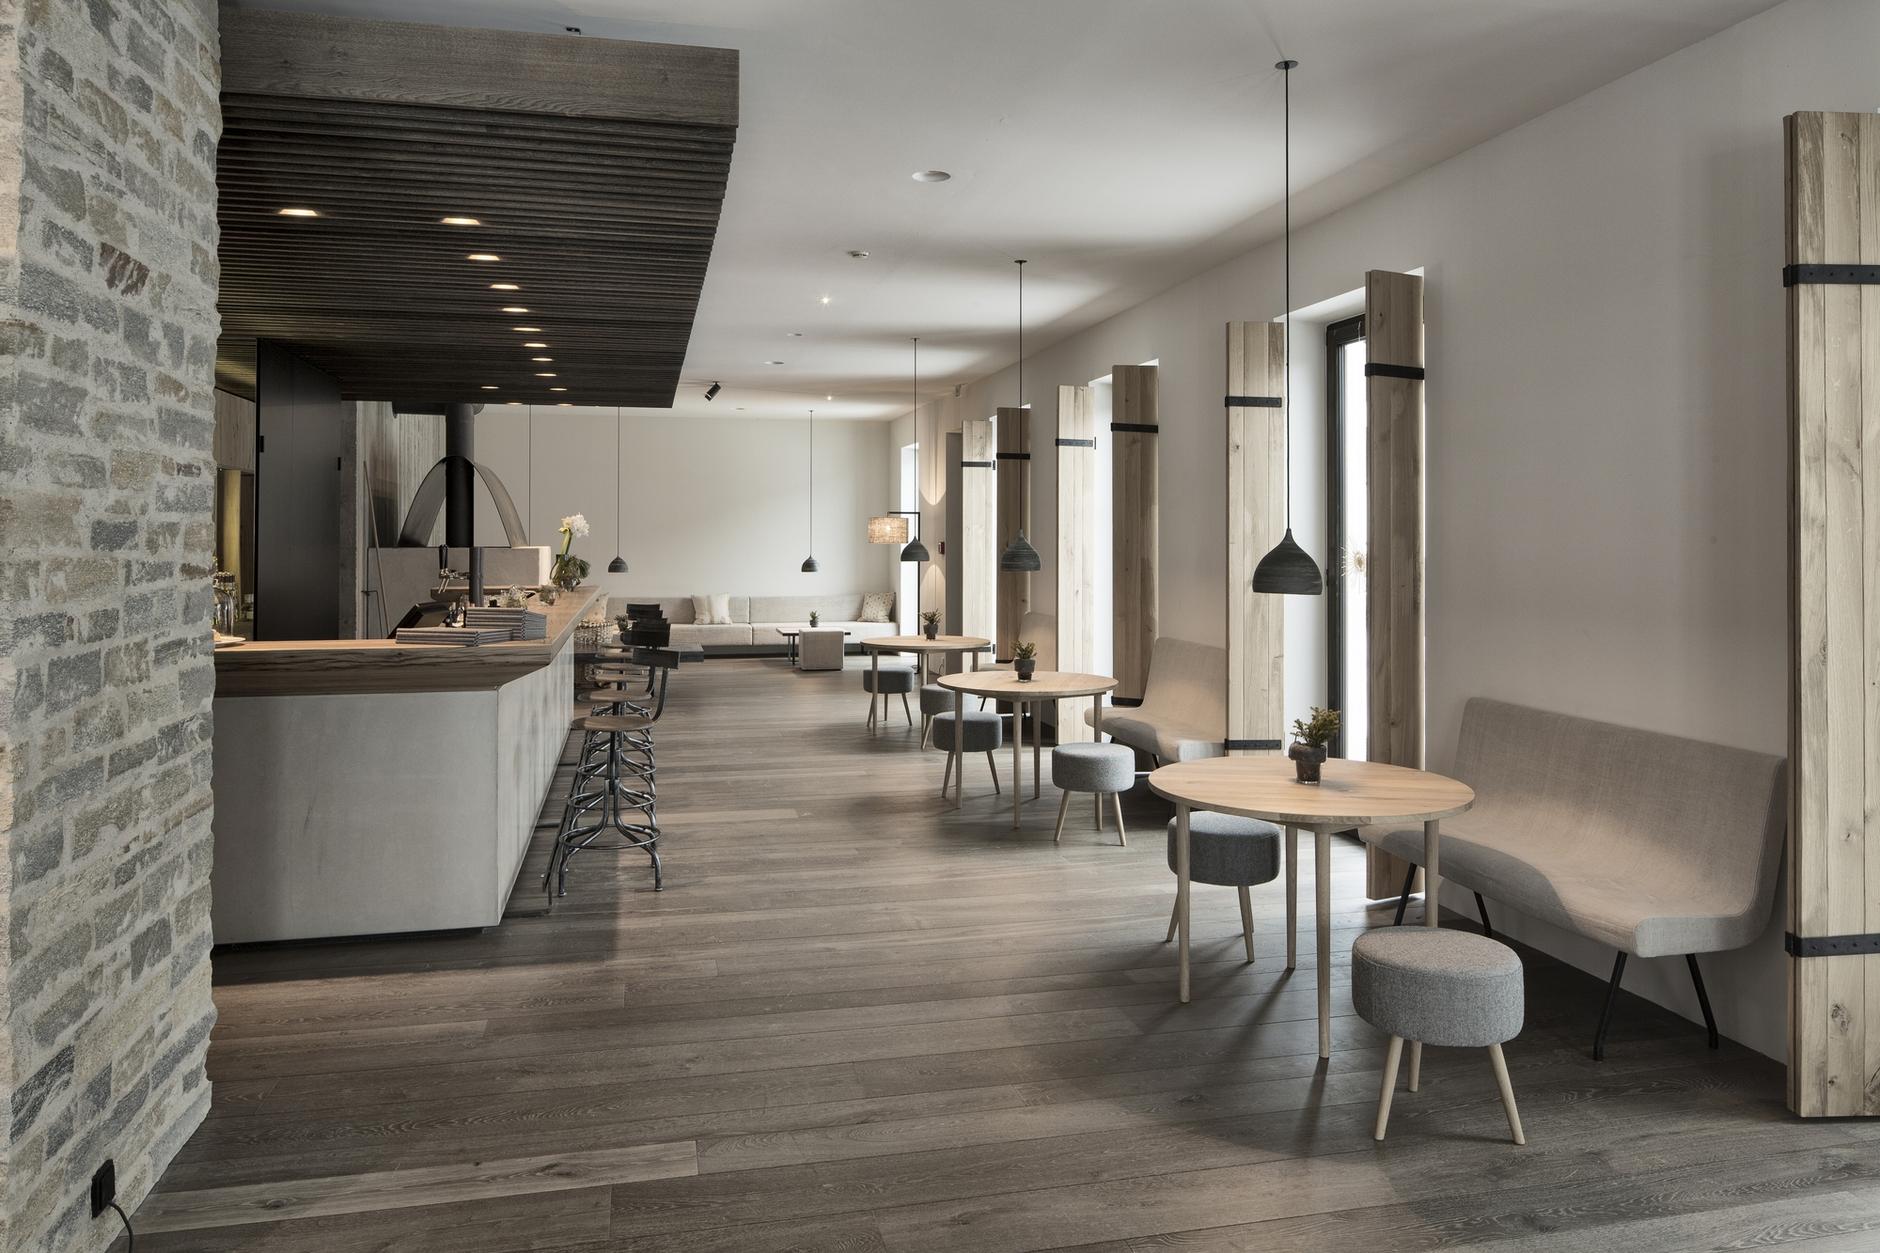 Hotel wiesergut by gogl architekten karmatrendz for Design hotel innsbruck